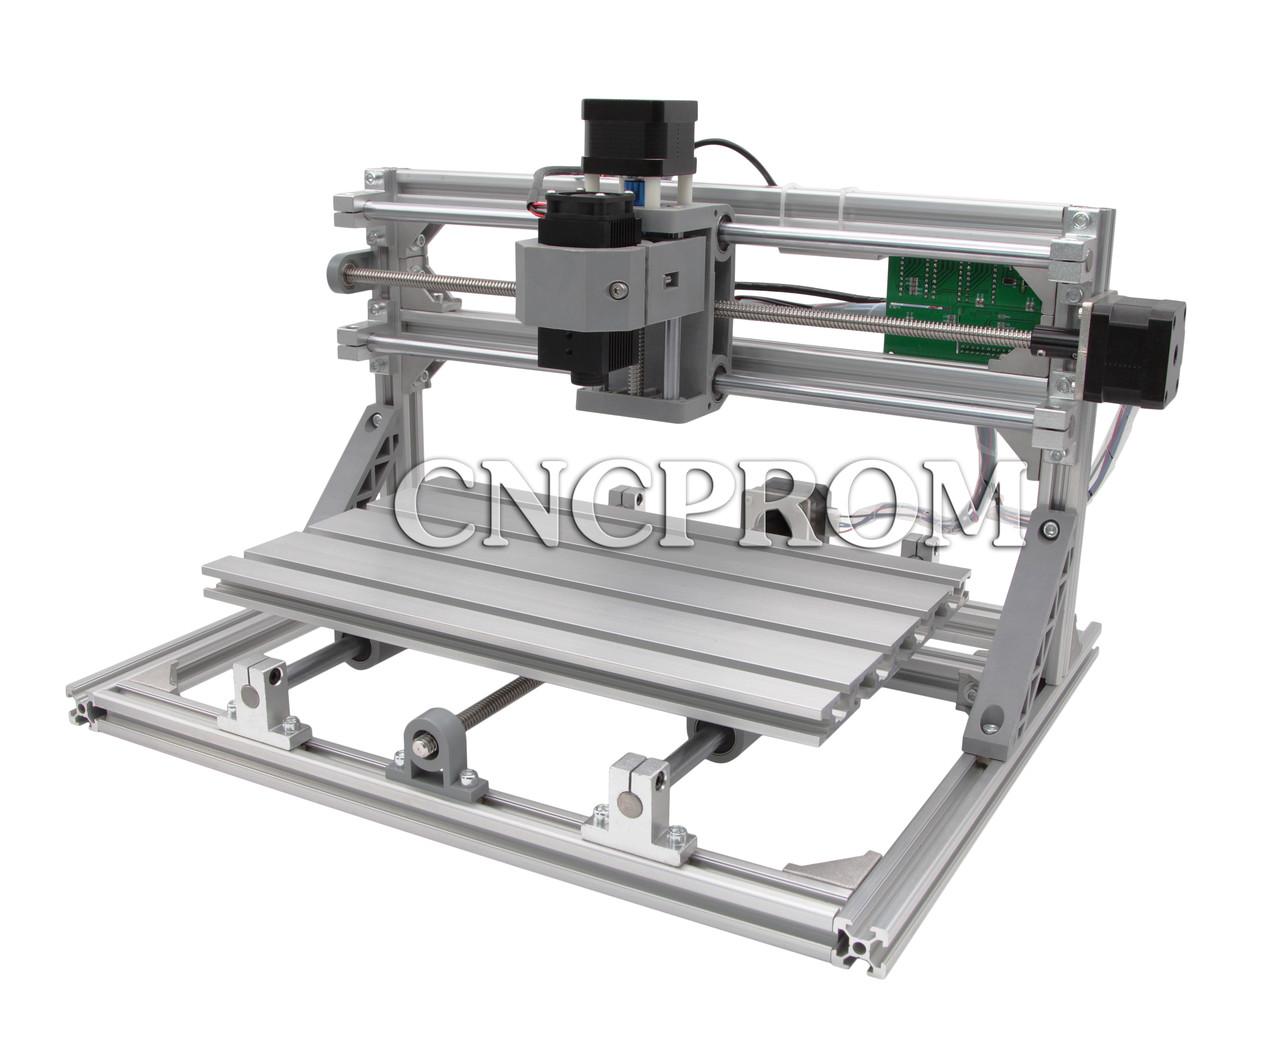 Лазерный фрезерно-гравировальный станок USB 3018 (лазер 5500mW + шпиндель 150W), 3 координаты